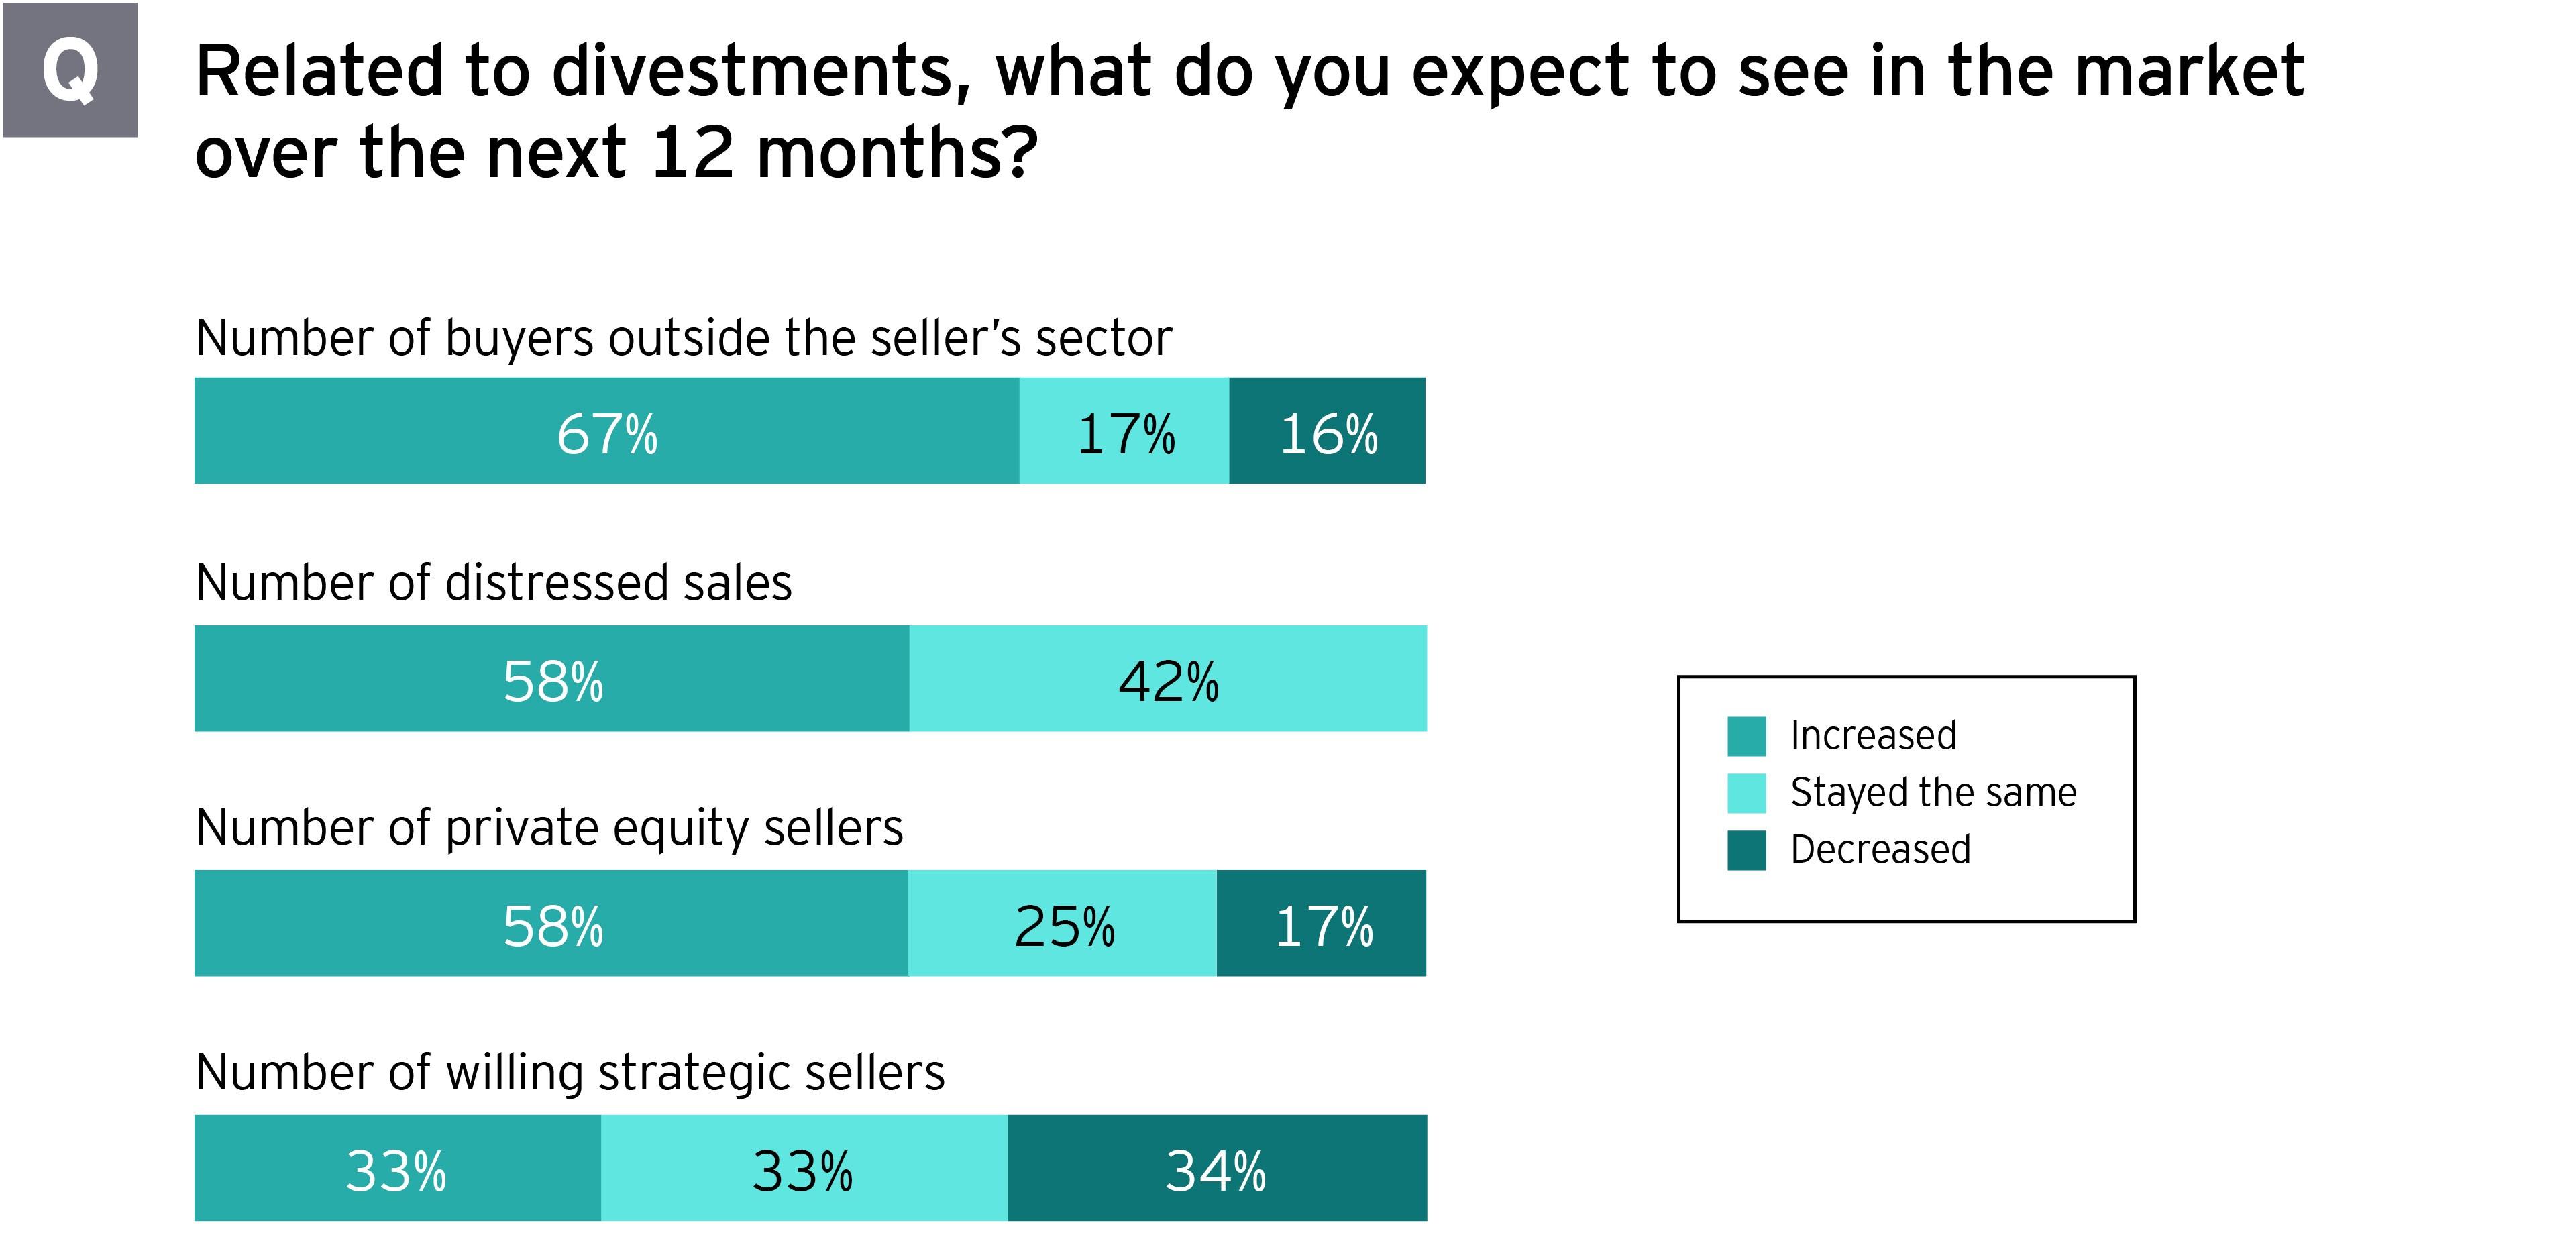 Estudio de desinversión: ¿qué espera ver en el mercado durante los próximos 12 meses?